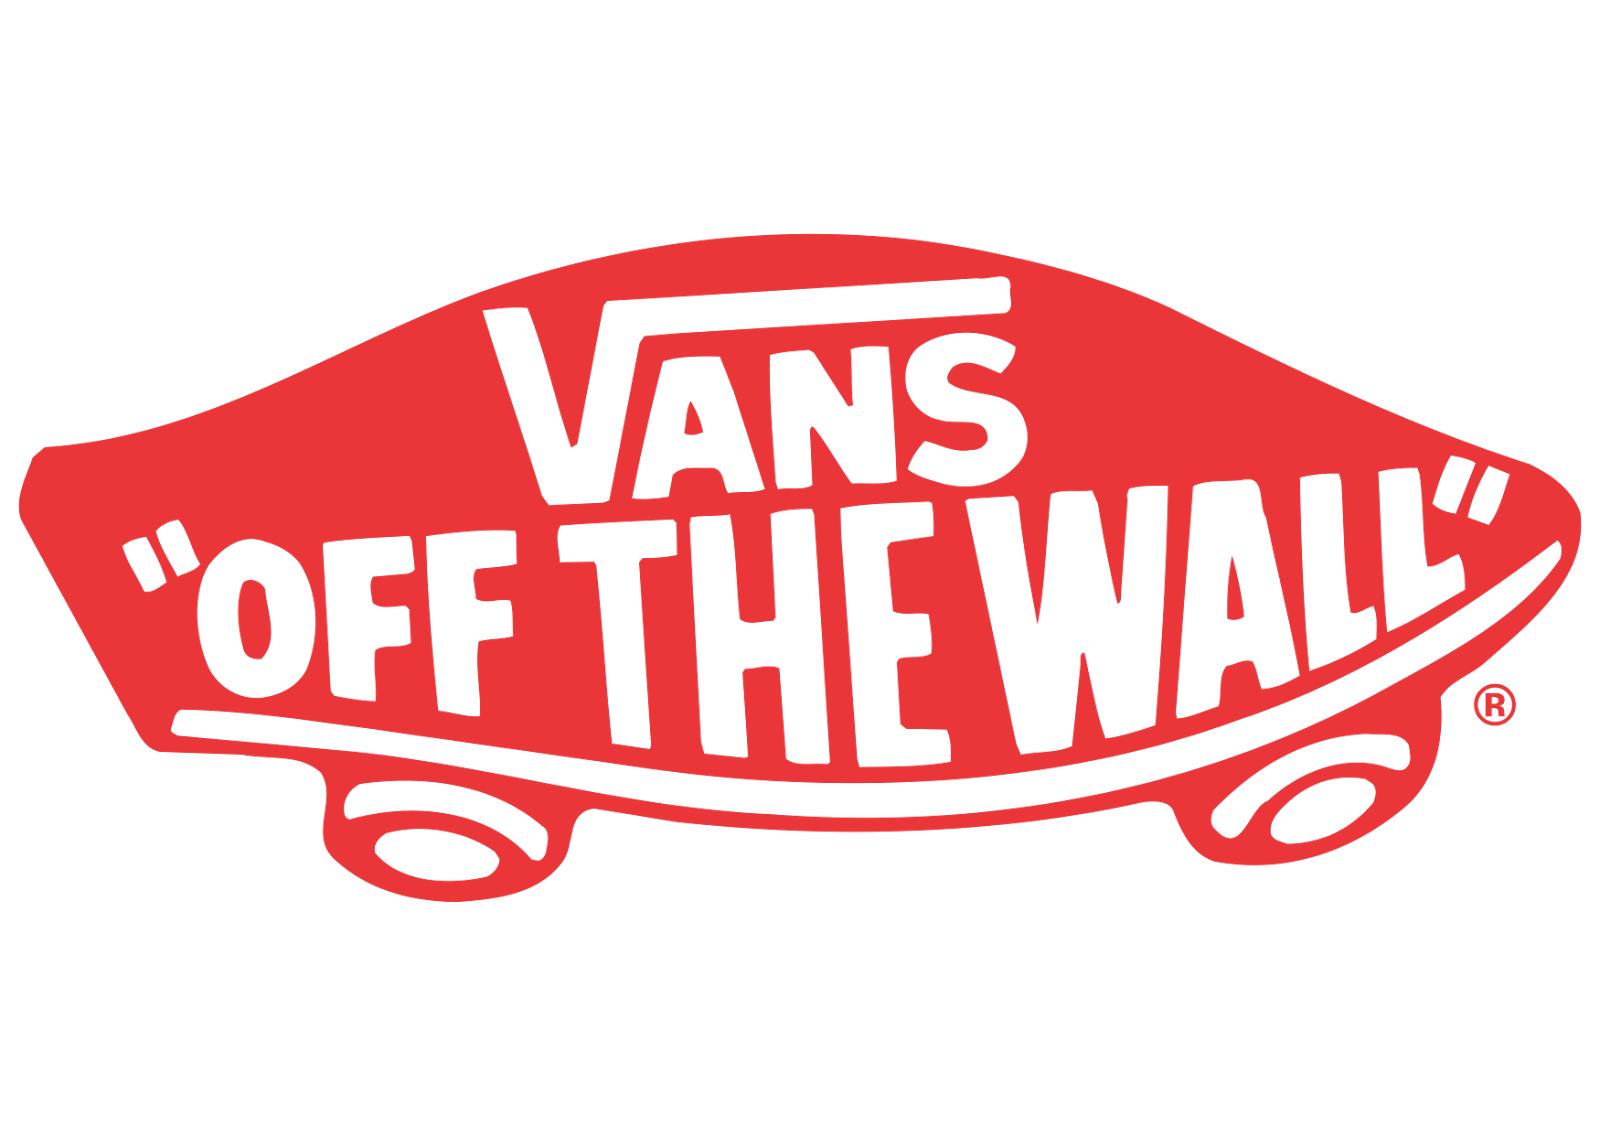 Limited Edition Vans limited edition vans Limited Edition Vans Sem T  tulo